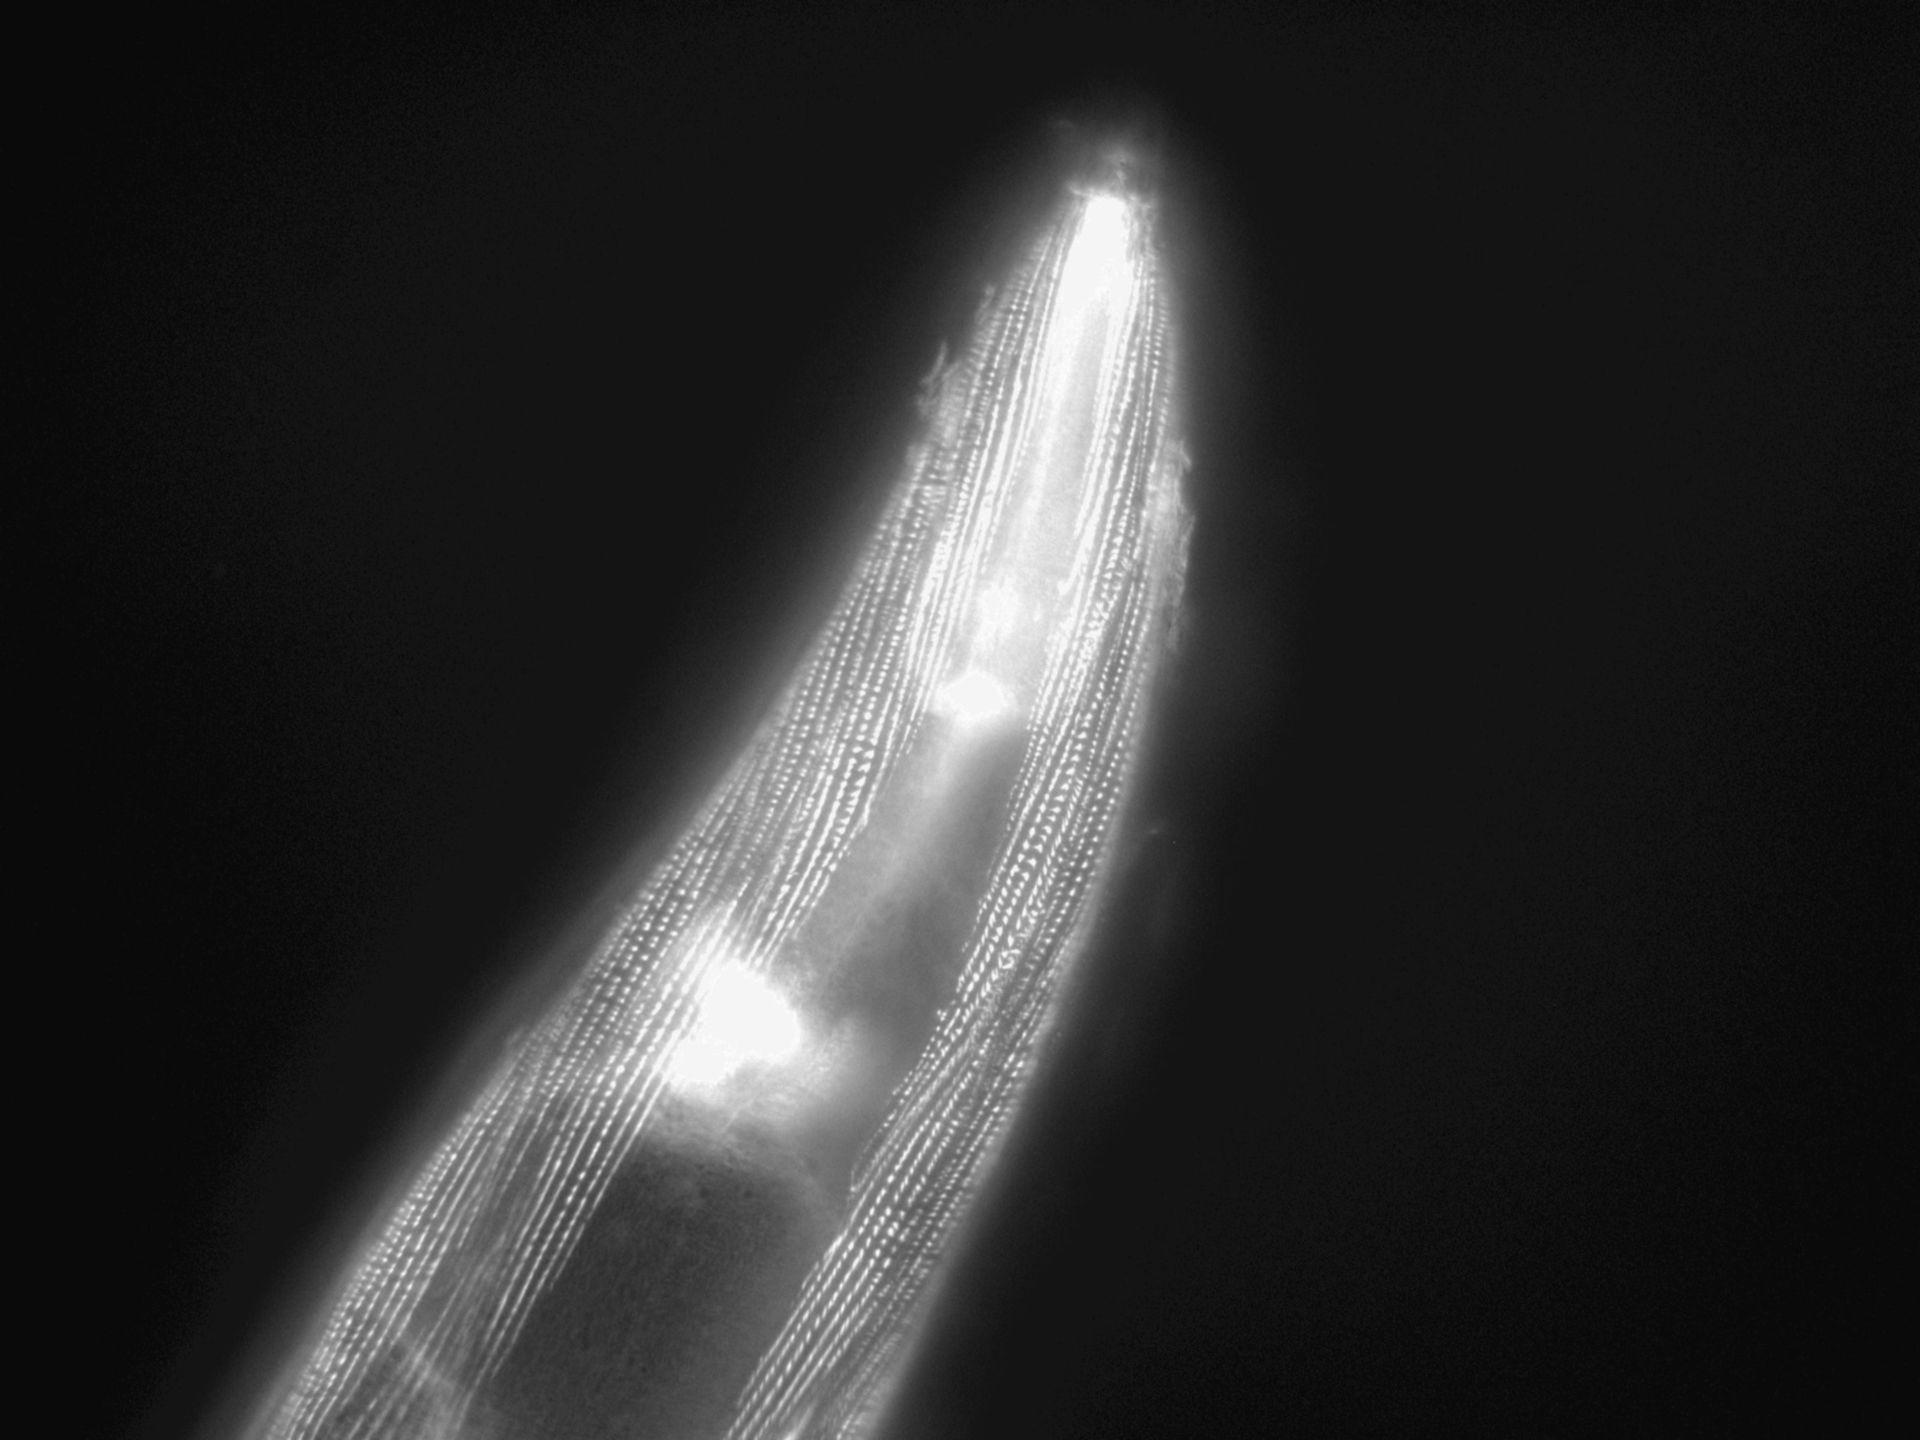 Caenorhabditis elegans (Actin filament) - CIL:1177